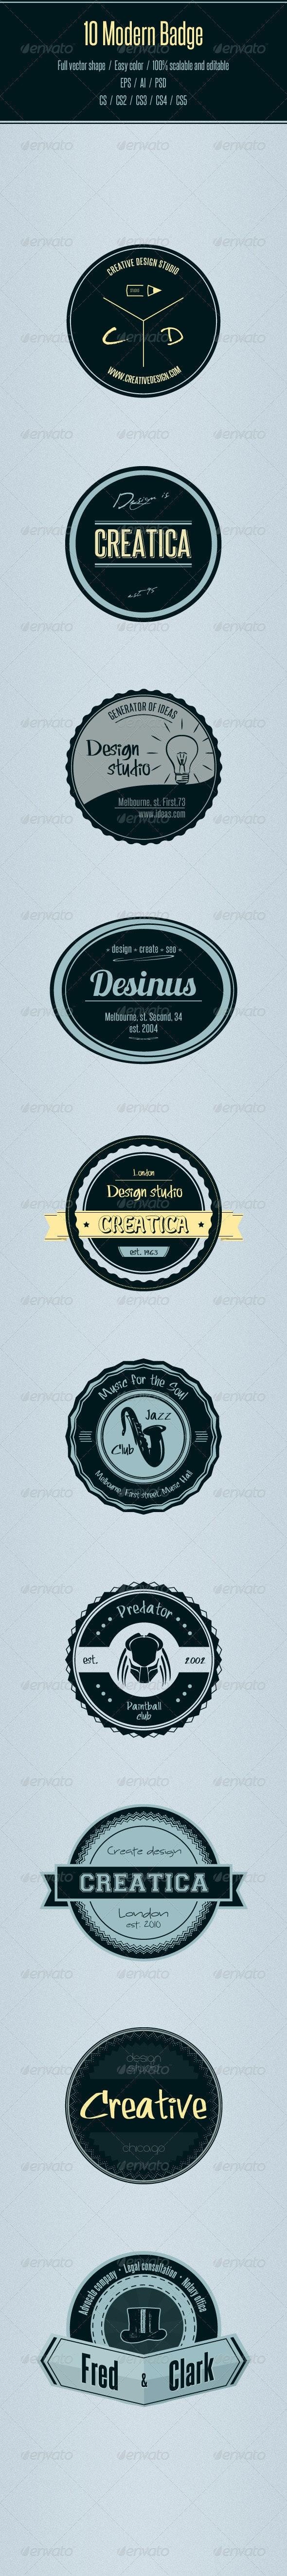 10 Modern Badge